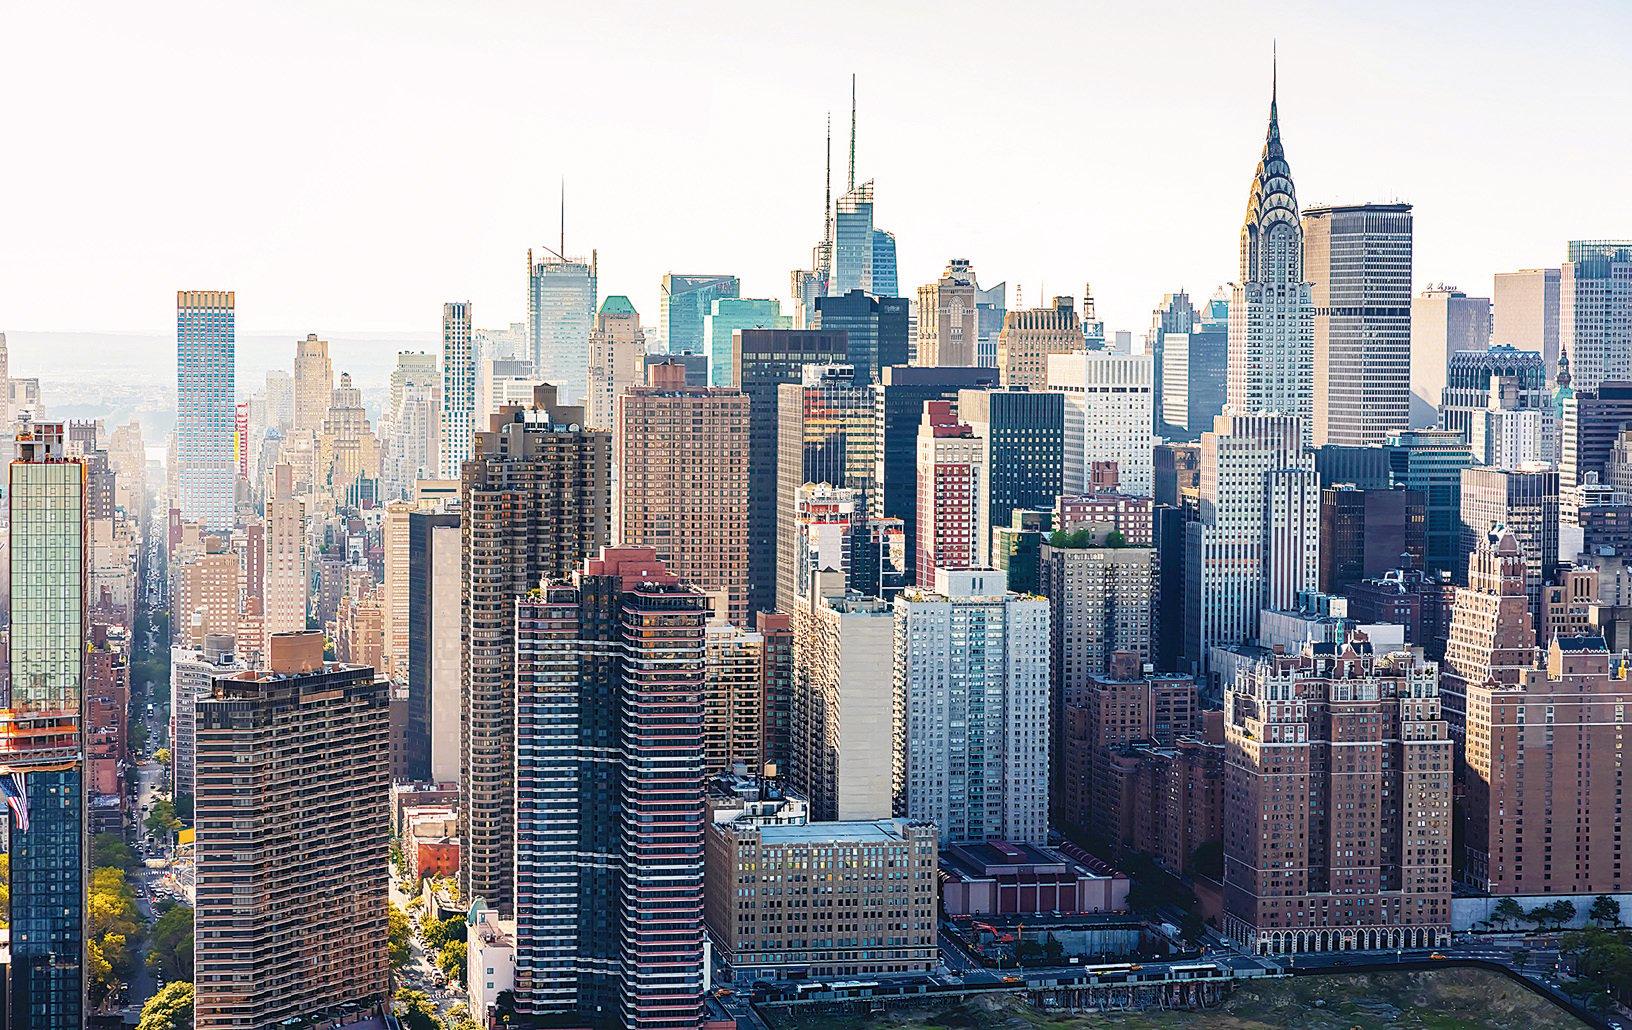 對美國經濟的信心,以及紐約世界之都的獨一無二的地位,使得更多買家青睞紐約房市。圖為紐約市的天際線。(Fotolia)